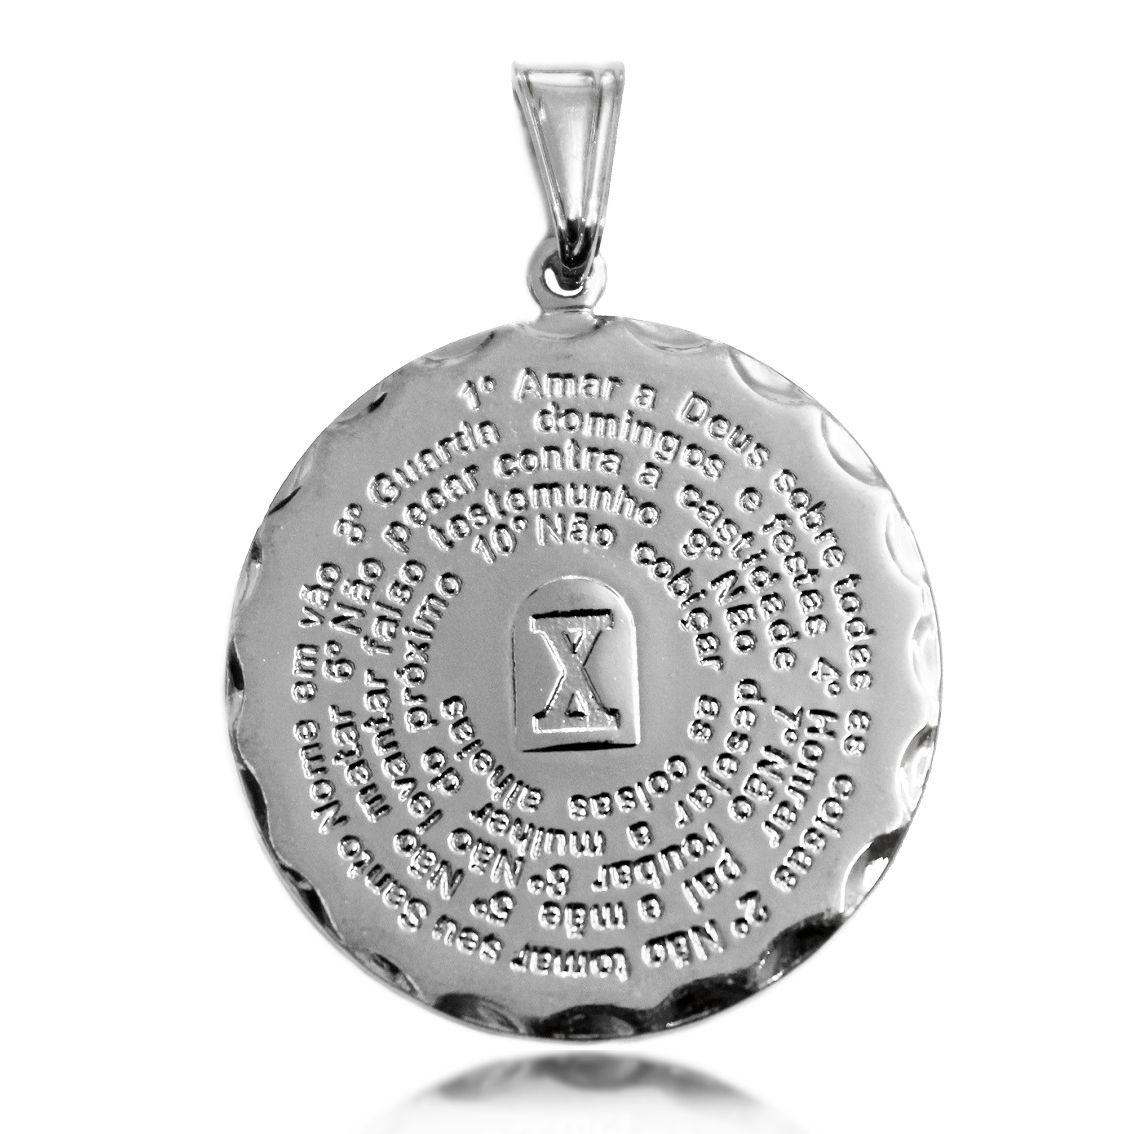 Pingente Mandala 10 Mandamentos Folheado a Prata 1000